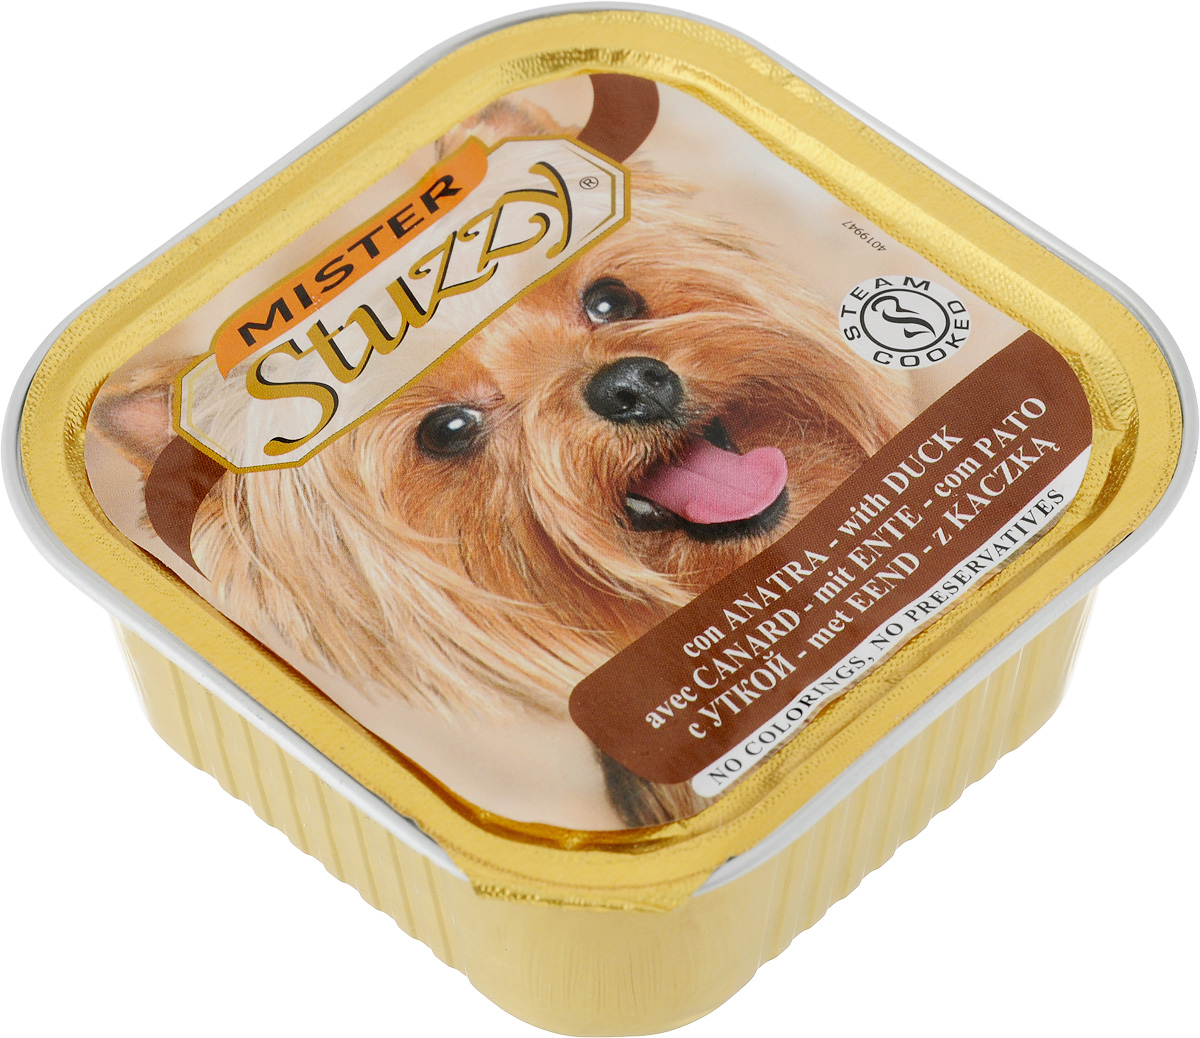 Консервы для собак Stuzzy Mister, с уткой, 150 г101246Stuzzy Mister - это полнорационный корм для взрослых собак. Корм обогащен таурином и витамином Е для поддержания правильной работы сердца и иммунной системы. Инулин обеспечивает всасывание питательных веществ, а биотин способствуют великолепному внешнему виду кожи и шерсти. Корм приготовлен на пару, не содержит красителей и консервантов. Товар сертифицирован.